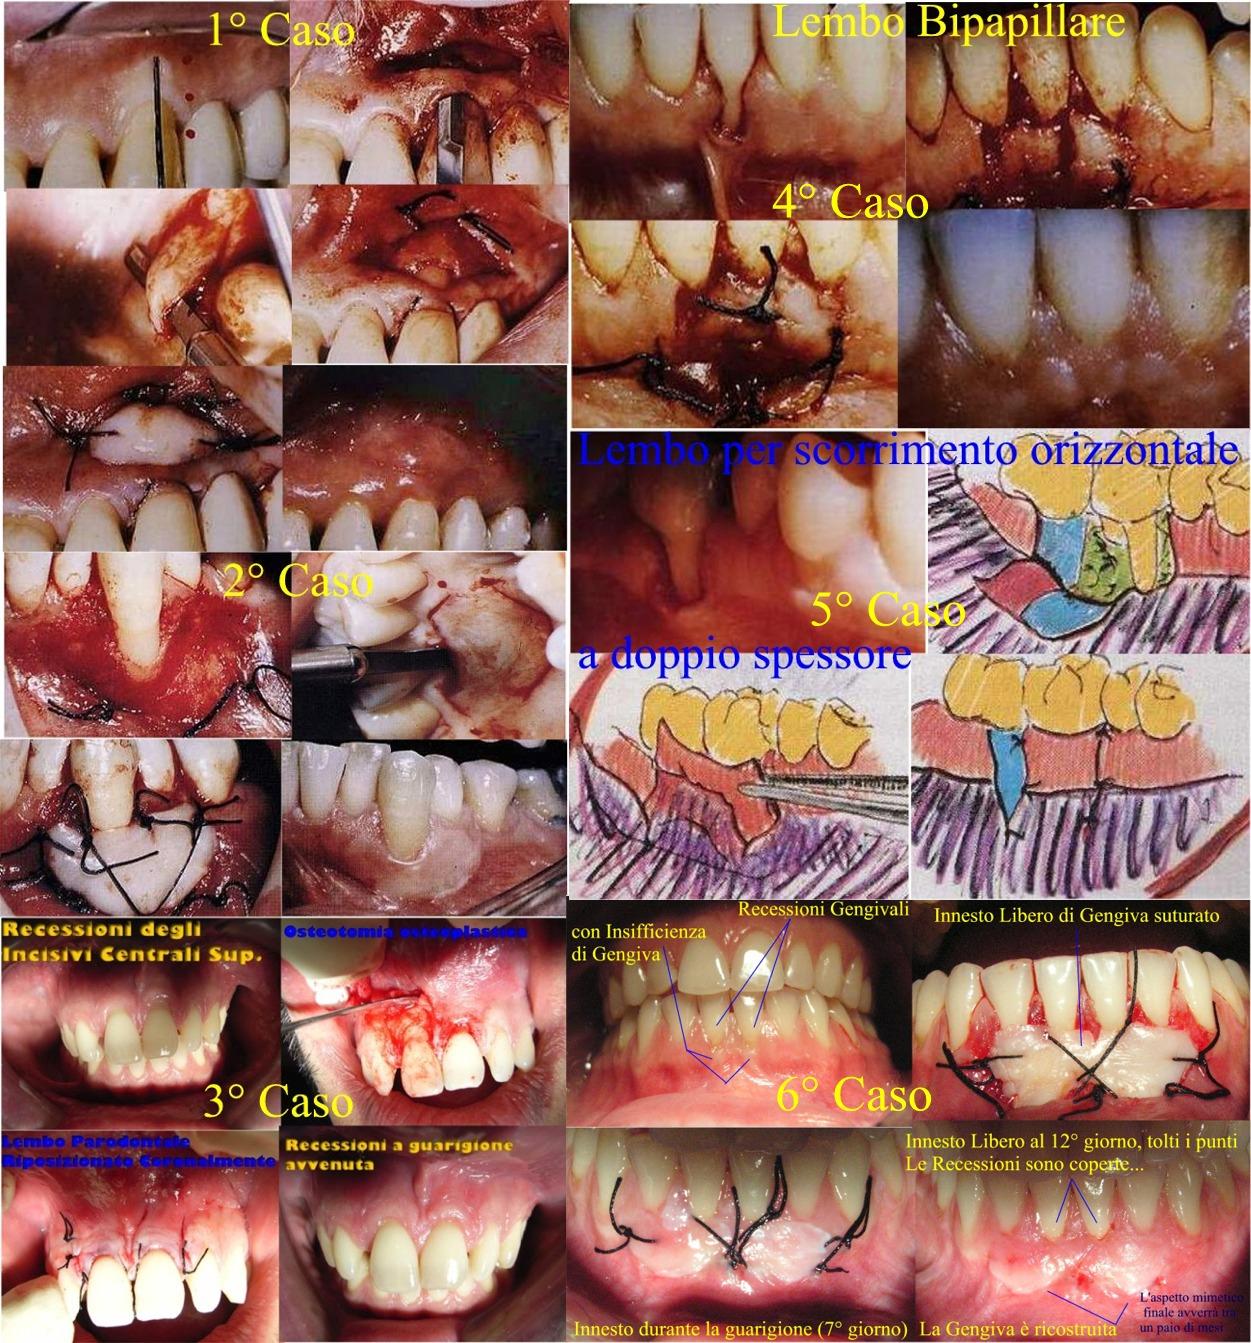 Chirurgia Parodontale Estetica nella sua parte mucogengivale. Ma ne esistono tante altre. La posto solo come esempio per farle capire. Da casistica del Dr. Gustavo Petti Parodontologo di Cagliari